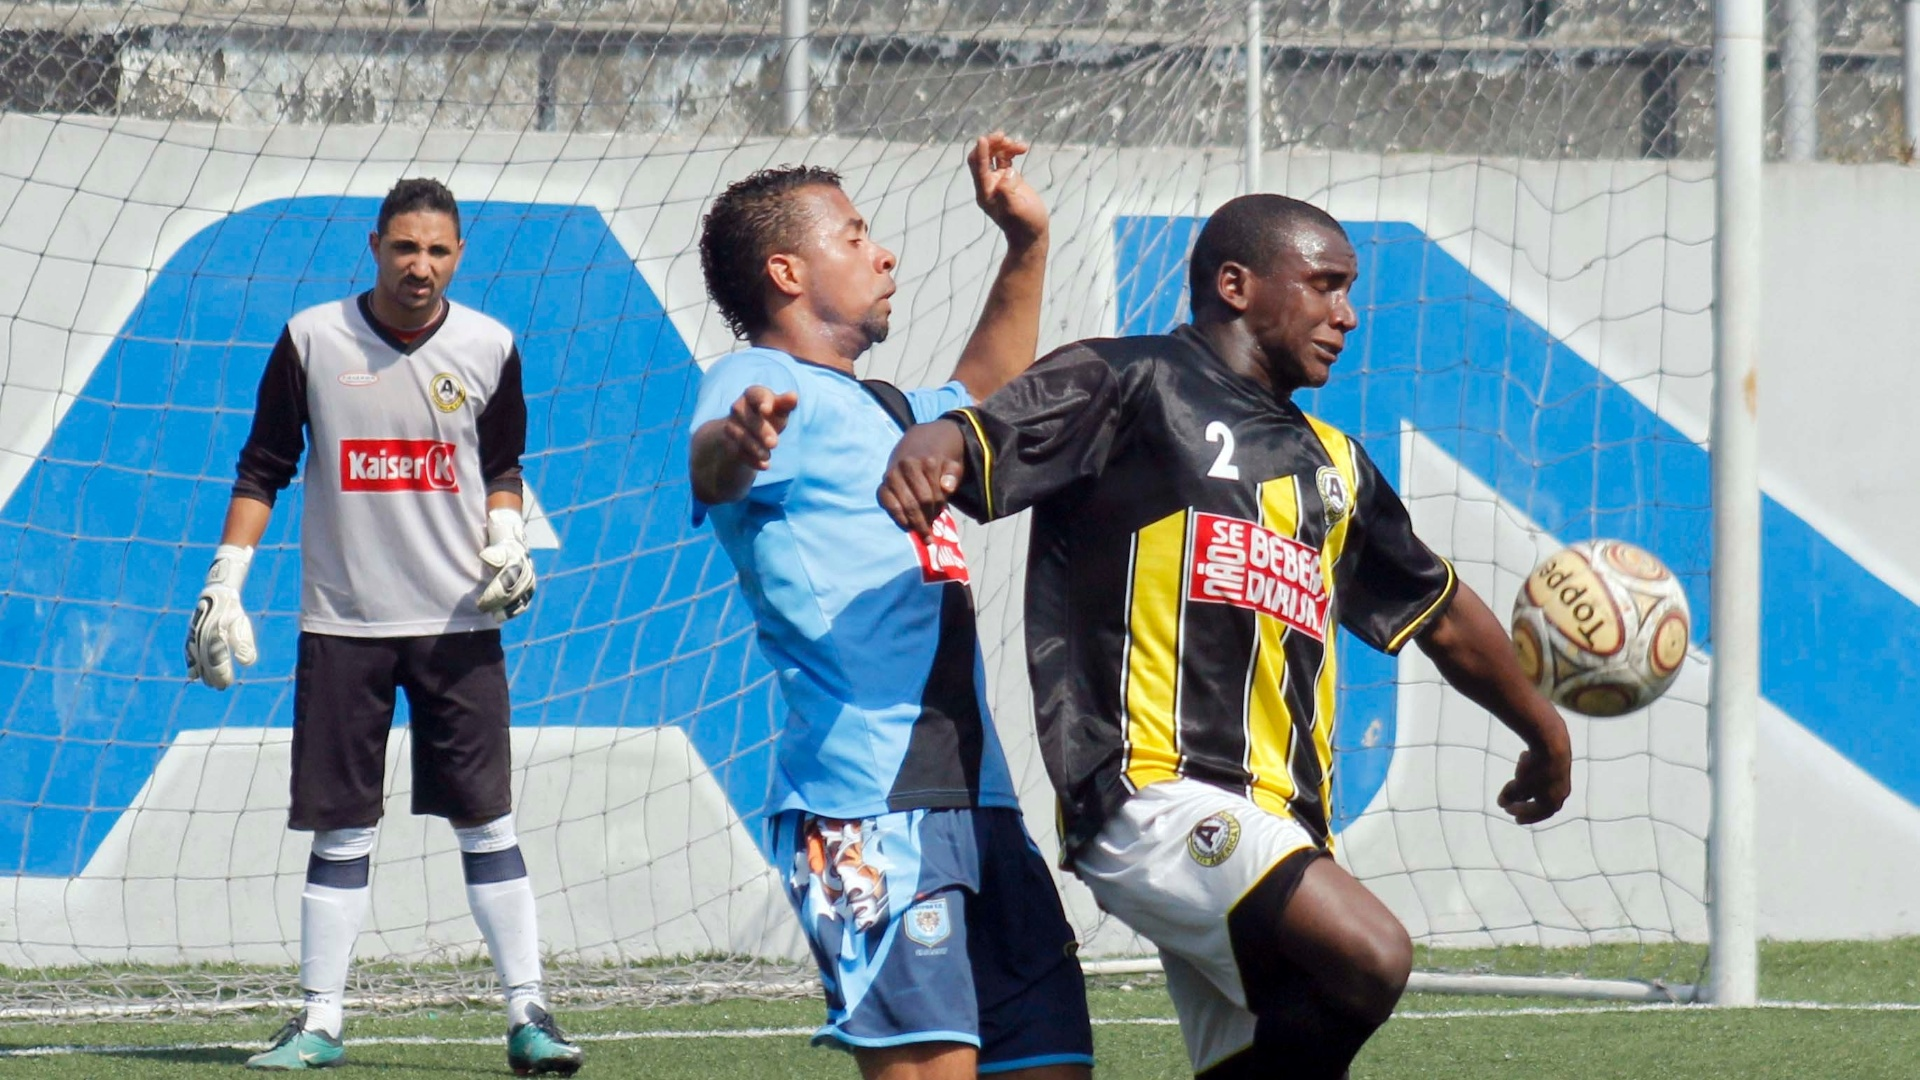 Festpan (azul) e América empataram por 0 a 0 na abertura das quartas de final da Série B da Copa Kaiser